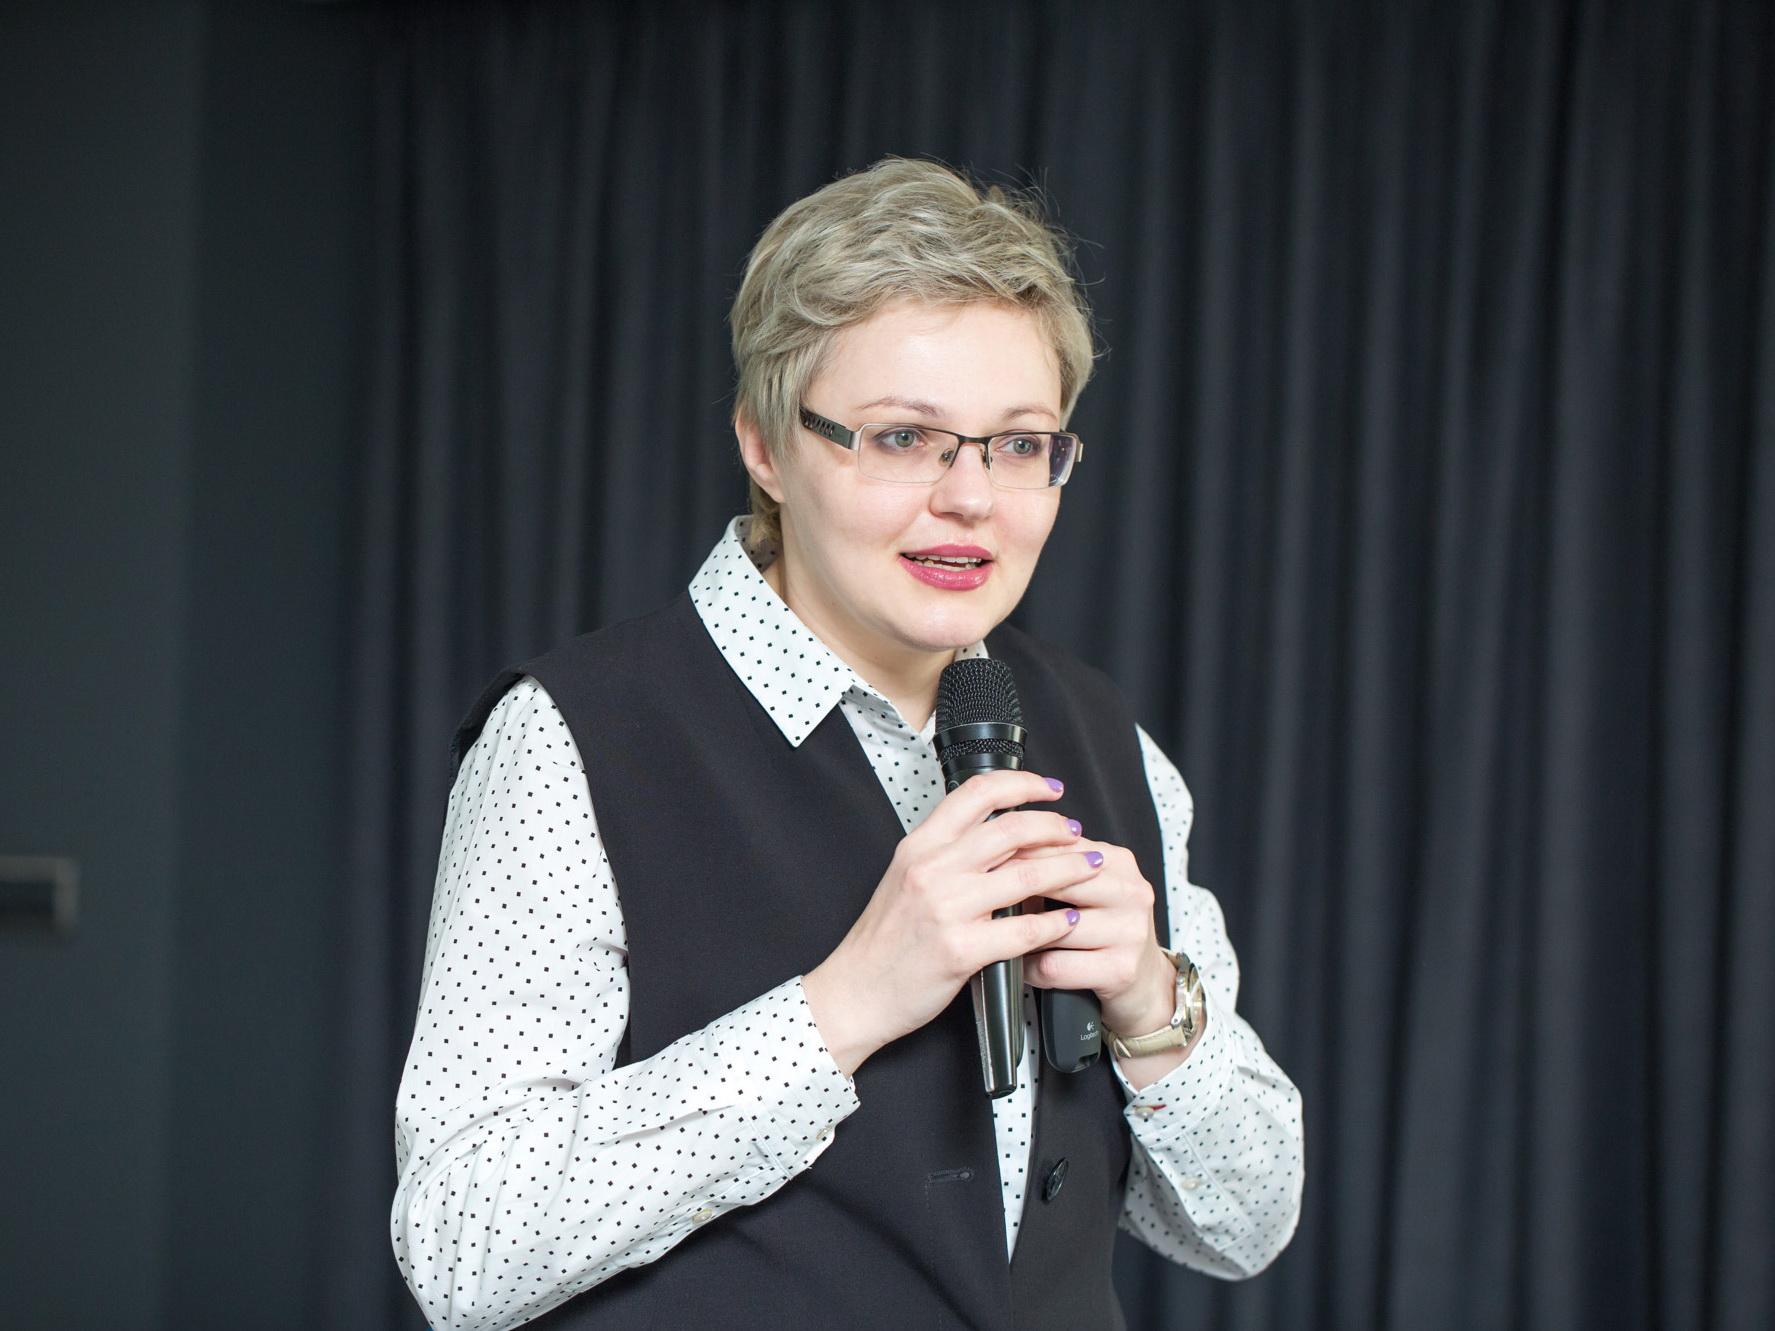 Наталья Гончаренко: «Азербайджанские салоны красоты, если оставят все как есть, скоро будут прижаты к стенке» - ФОТО